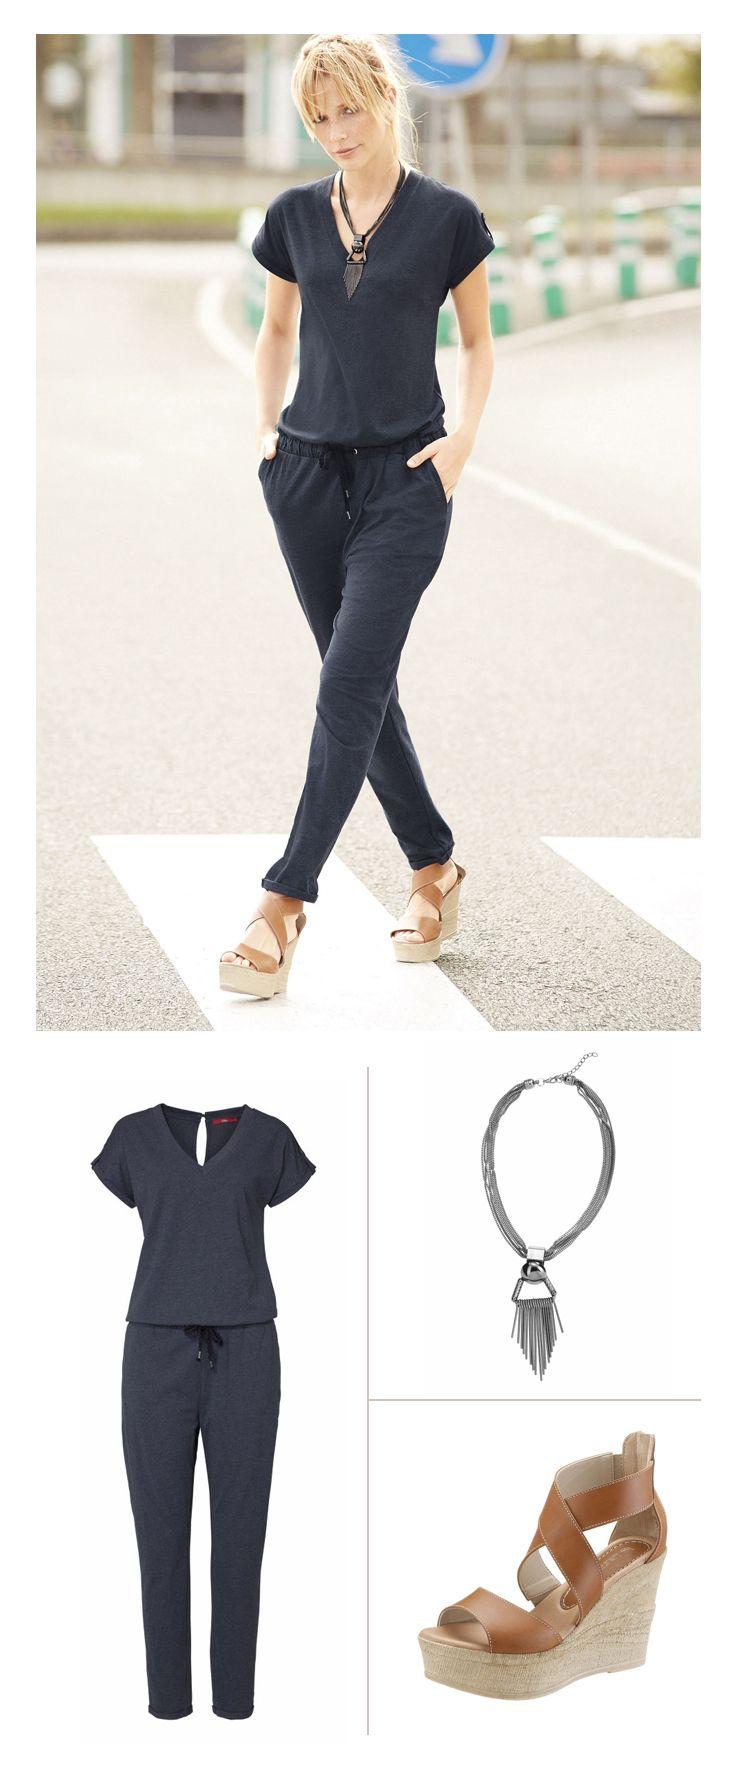 Der lässig-elegante Overall von s.Oliver bringt Freizeit- und Catwalk-Feeling zusammen. Die elegante Kette von J. Jayz und die feminine Sandalette von Laura Scott schaffen ein zusätzliches Style-Upgrade – der perfekte Look für Shoppingbummel oder das Strandcafé.